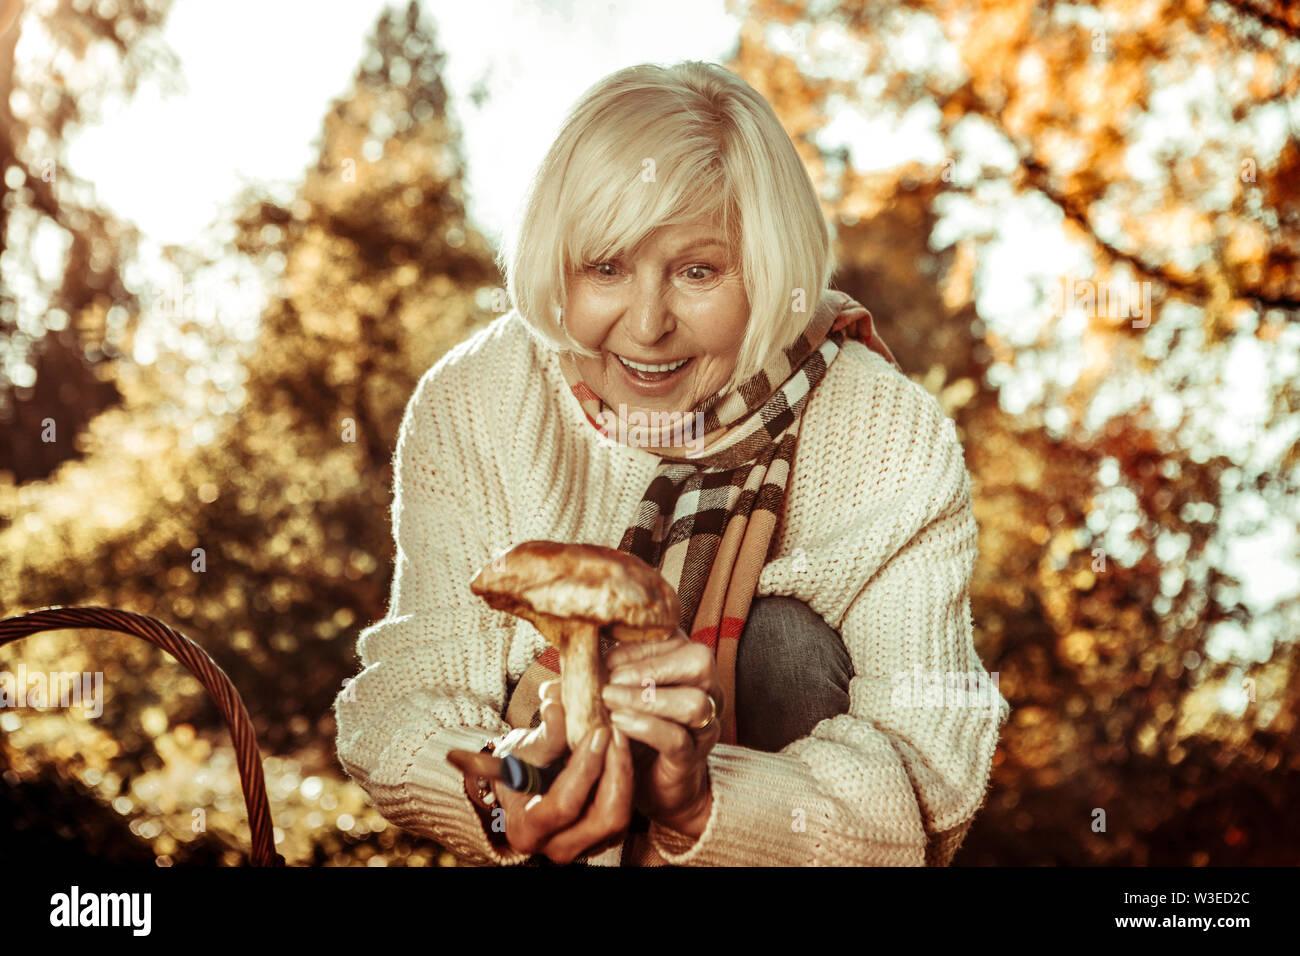 Belle femme âgée a été surpris de trouver un champignon. Photo Stock